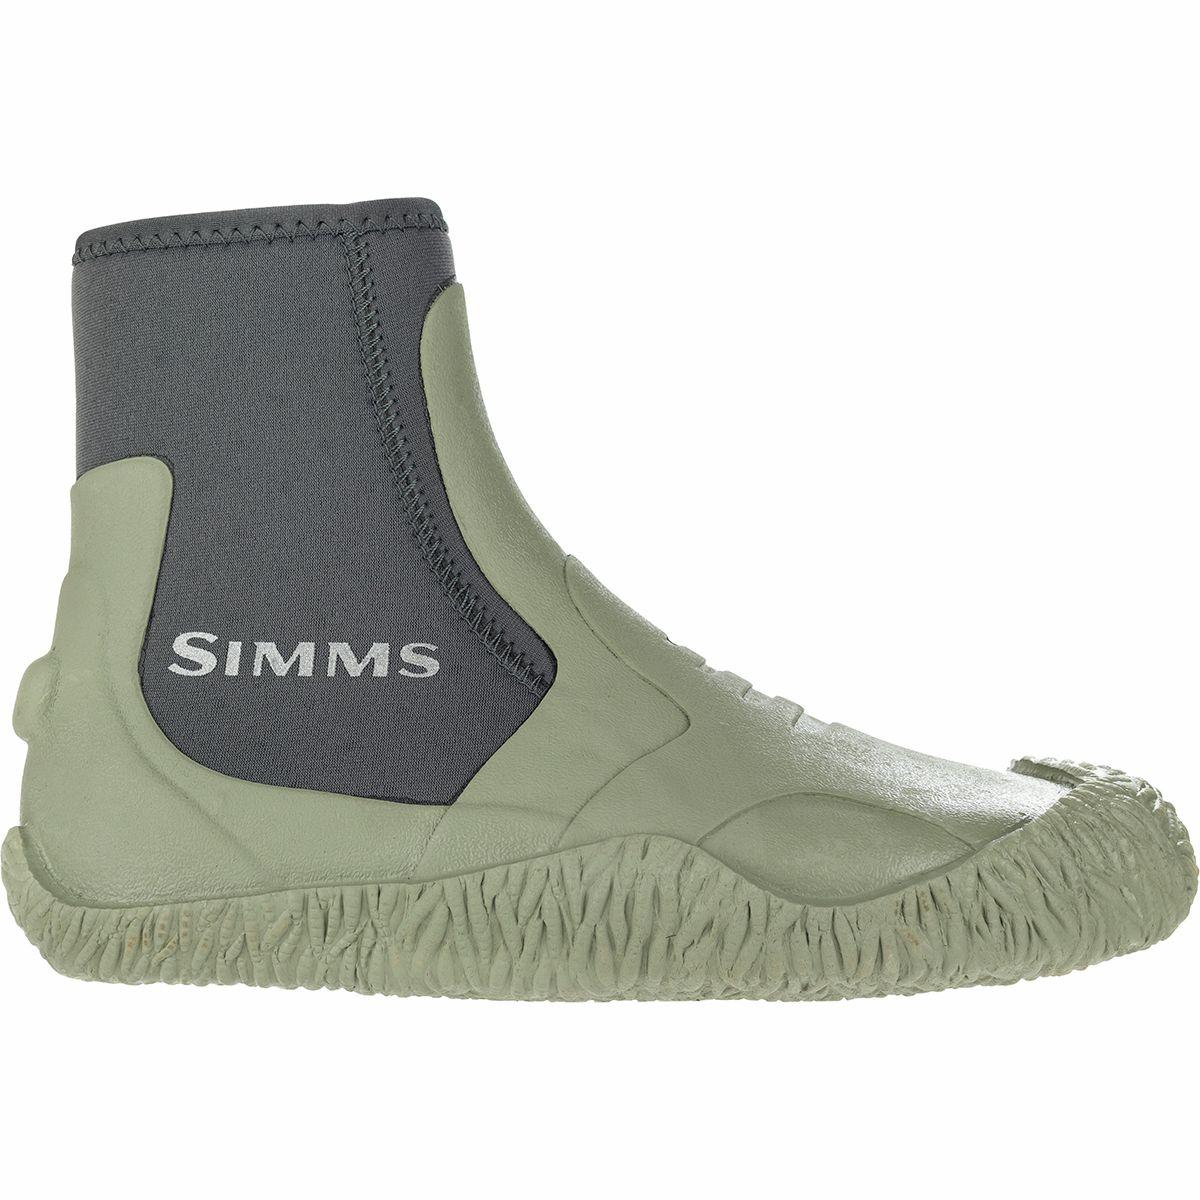 Simms ZipIt II Flats Bootie